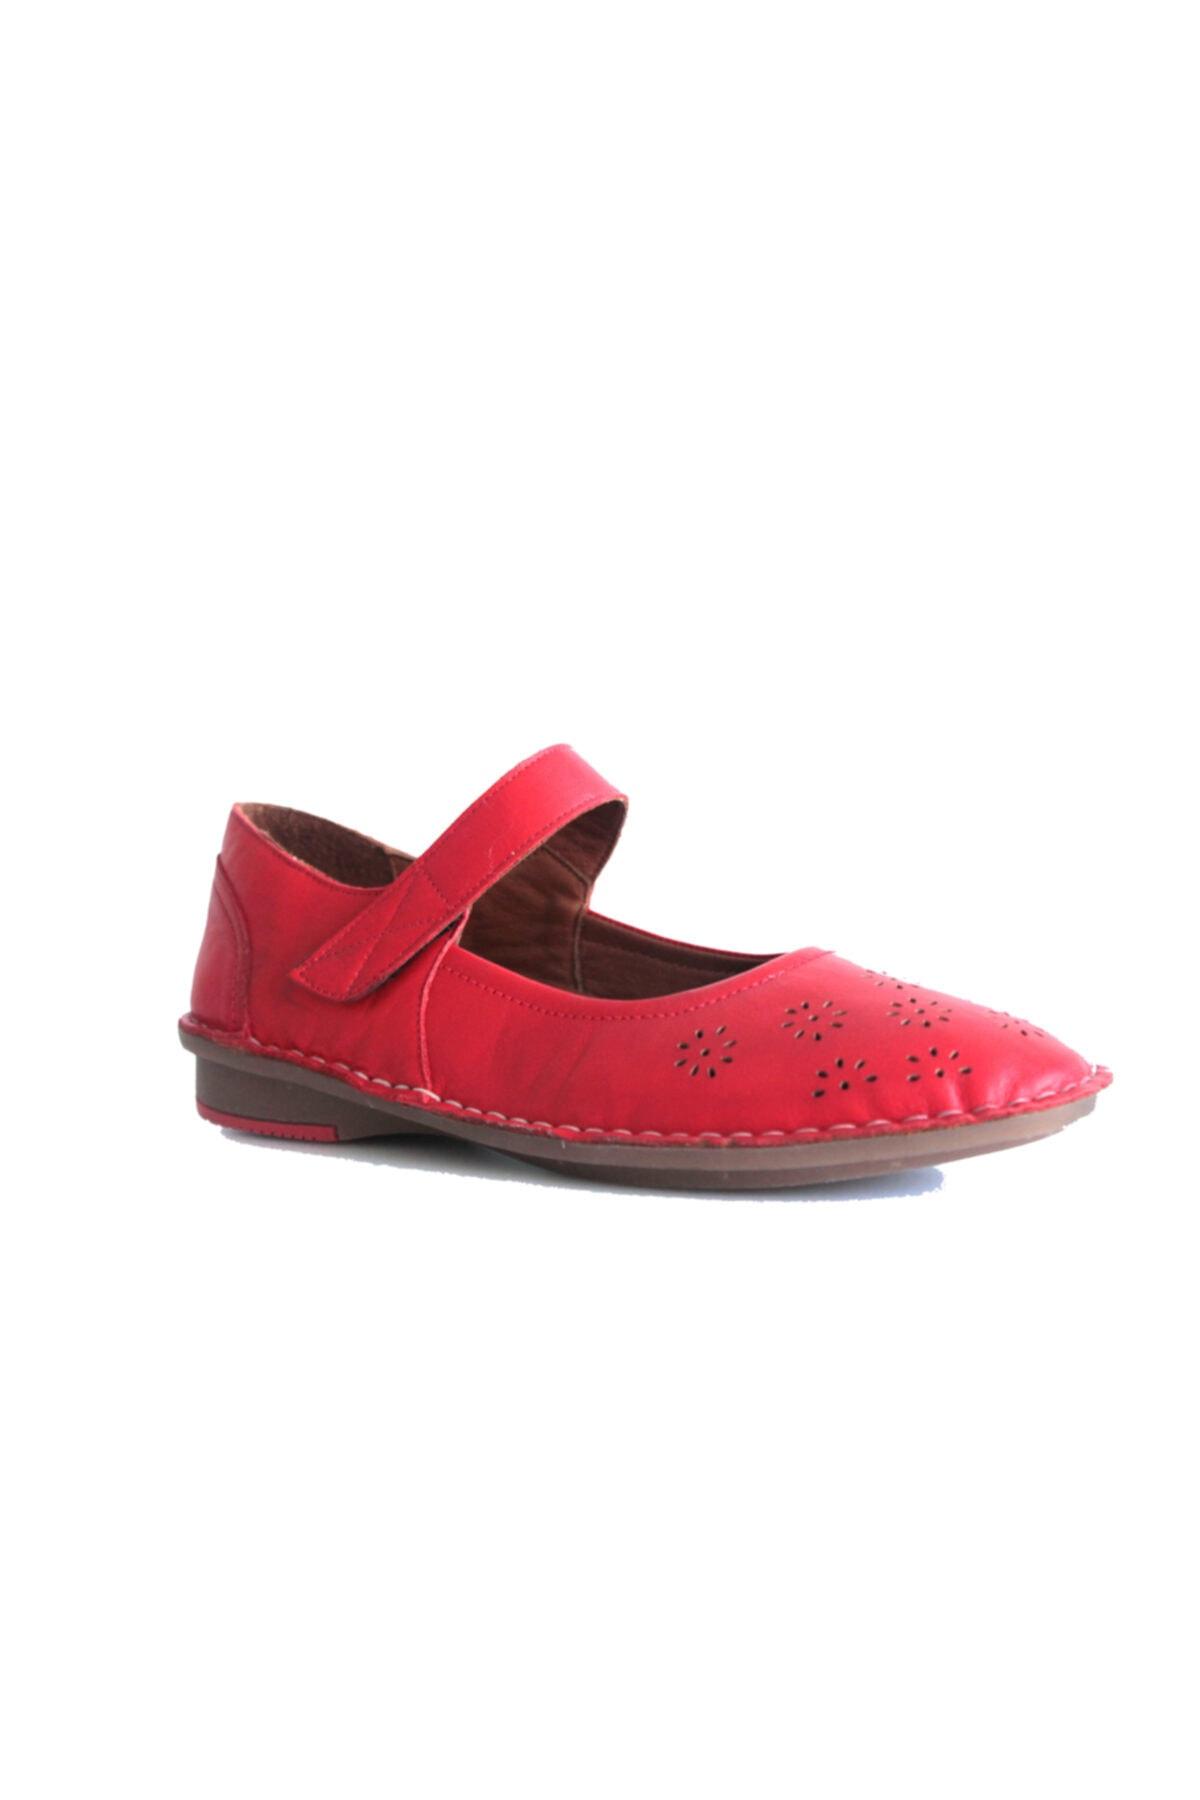 Beta Shoes Kadın Hakiki Deri Babet Kırmızı 1